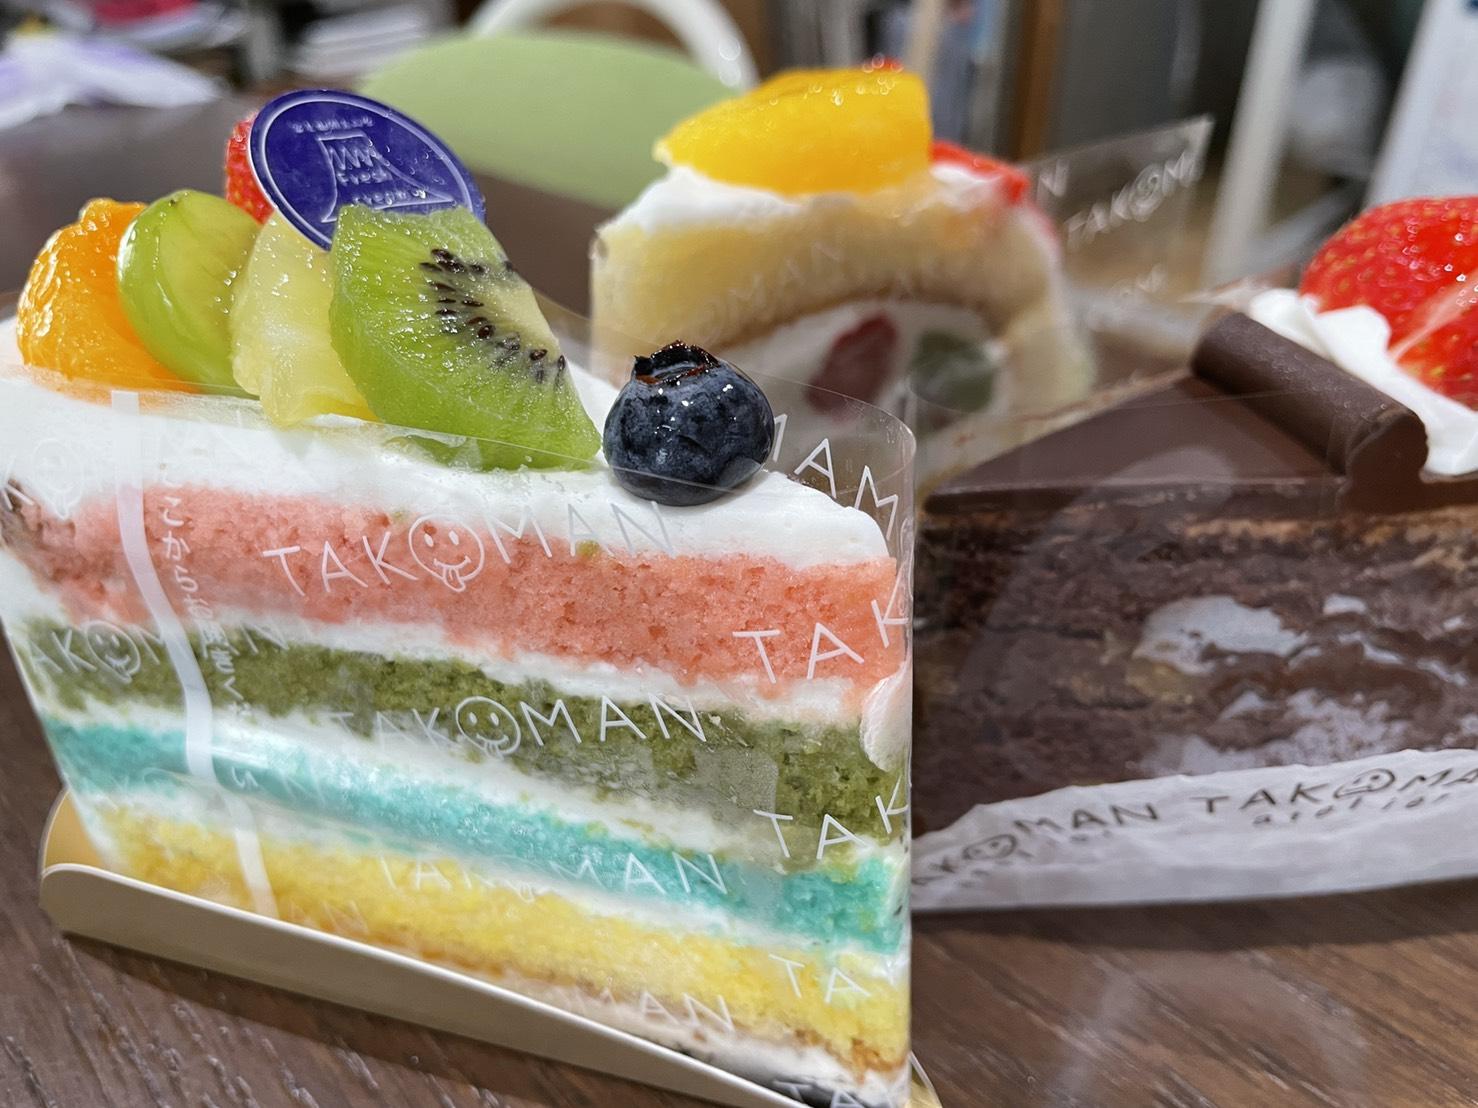 https://www.hatoyoke.jp/column/S__31260683.jpg